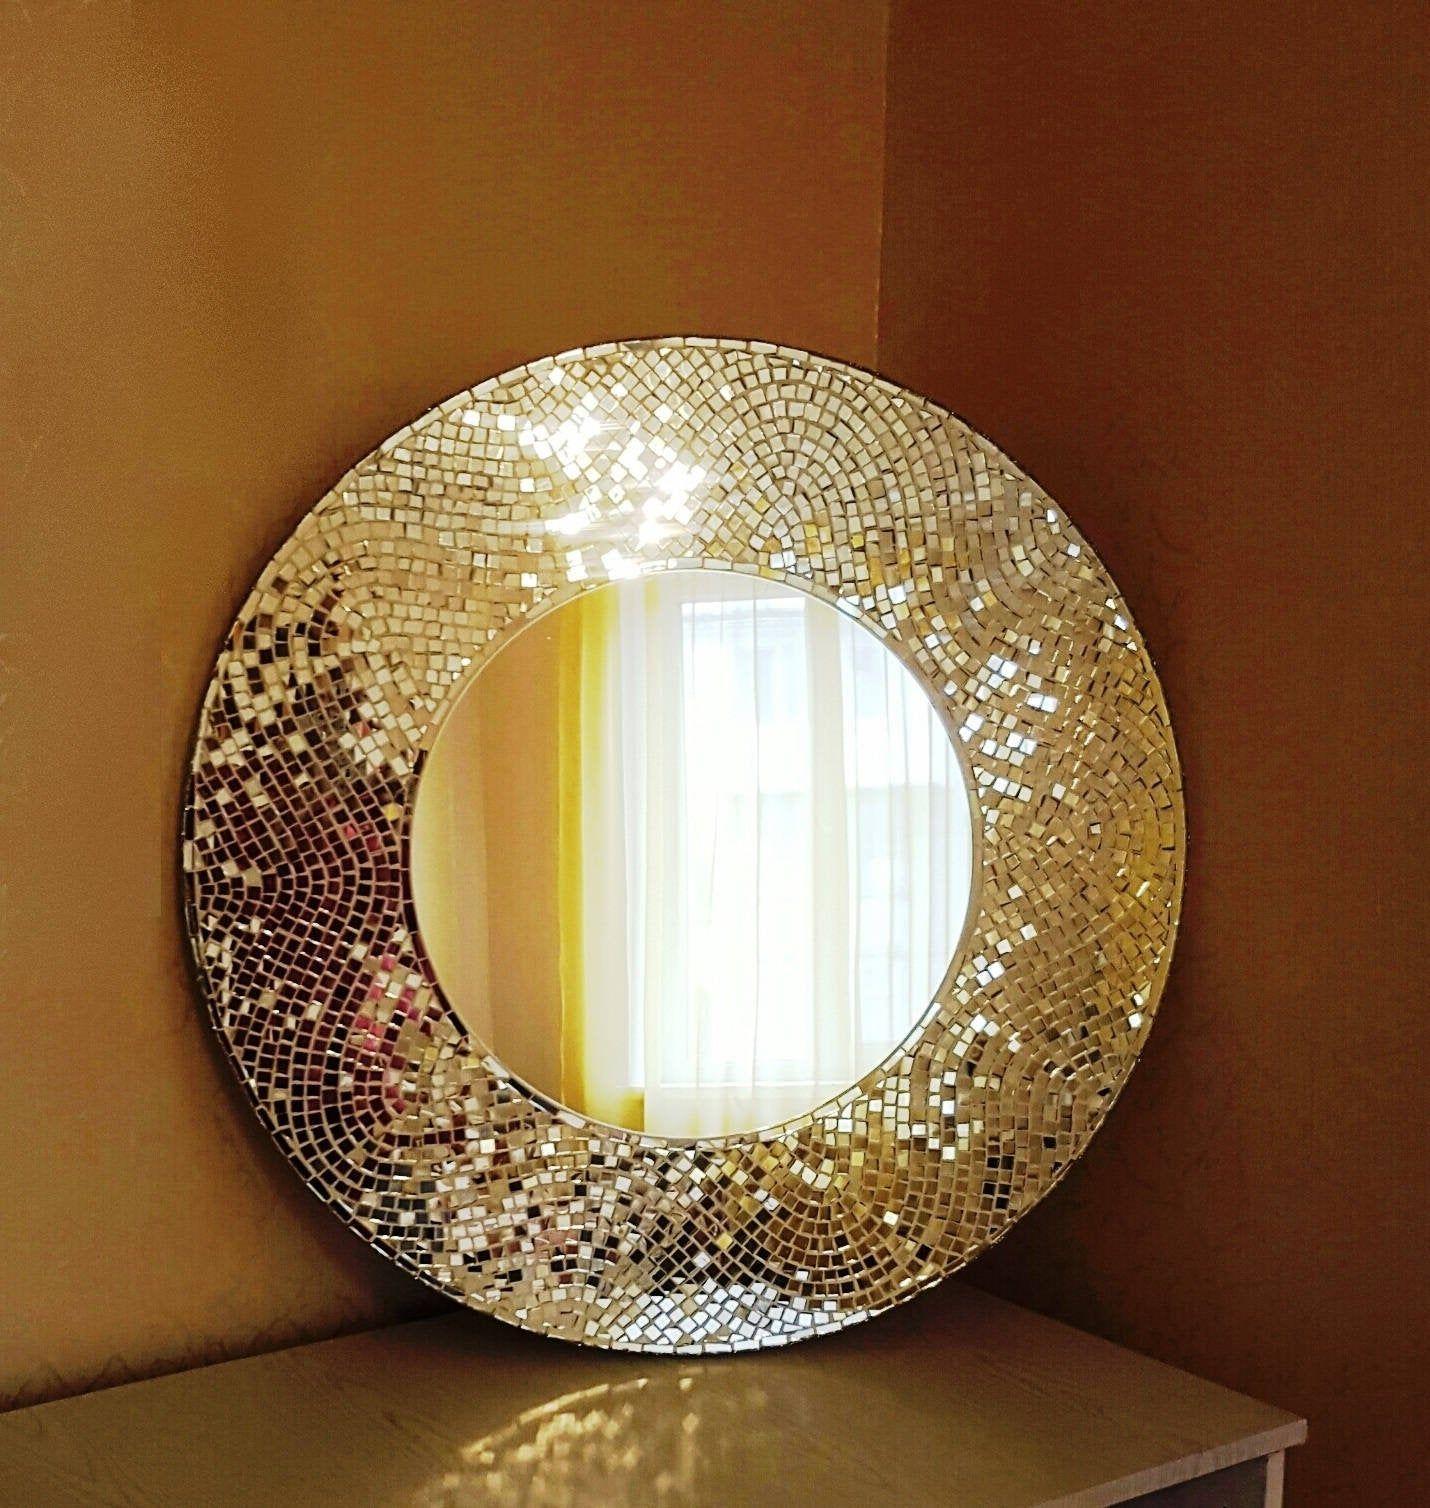 para Sala de Estar o Dormitorio Dise/ño Moderno Espejo Ducha Afeitado Espejo de Pared Decorativo Y/&J Espejo Redondo Grande Ba/ño